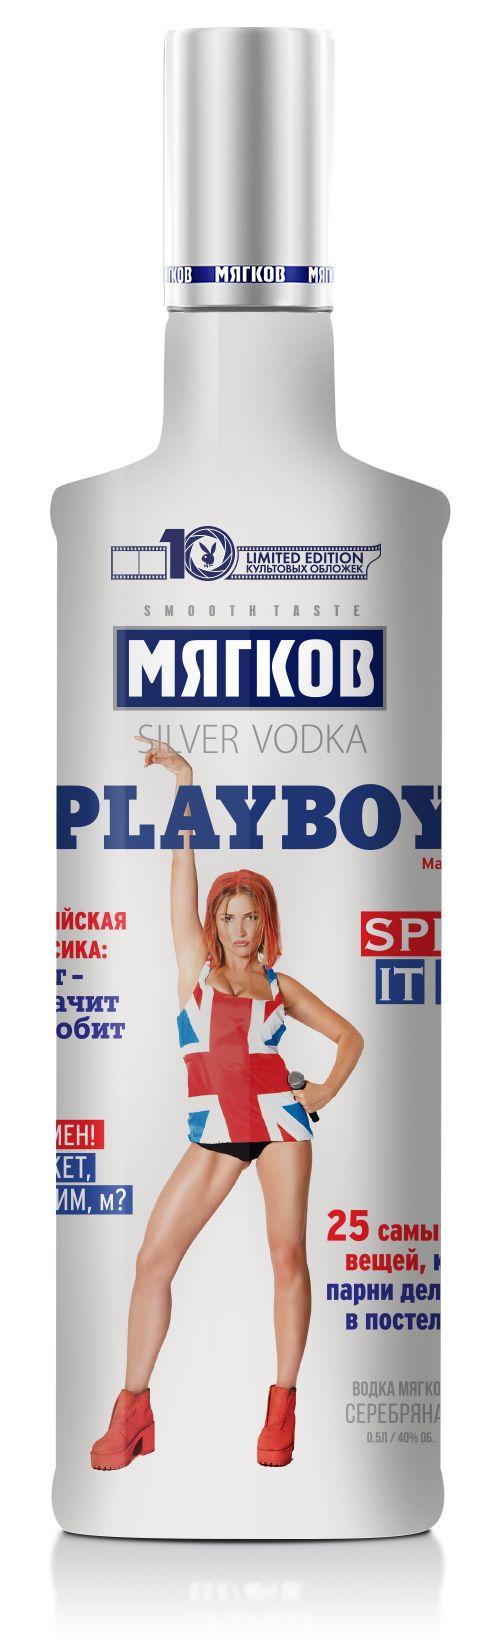 Myagkov Playboy Limited Edition, 1998 year cover remake.   Мягков Плейбой Лимитированная серия. Римейк обложки 1998 года. Vodka. Spirits. Водка.